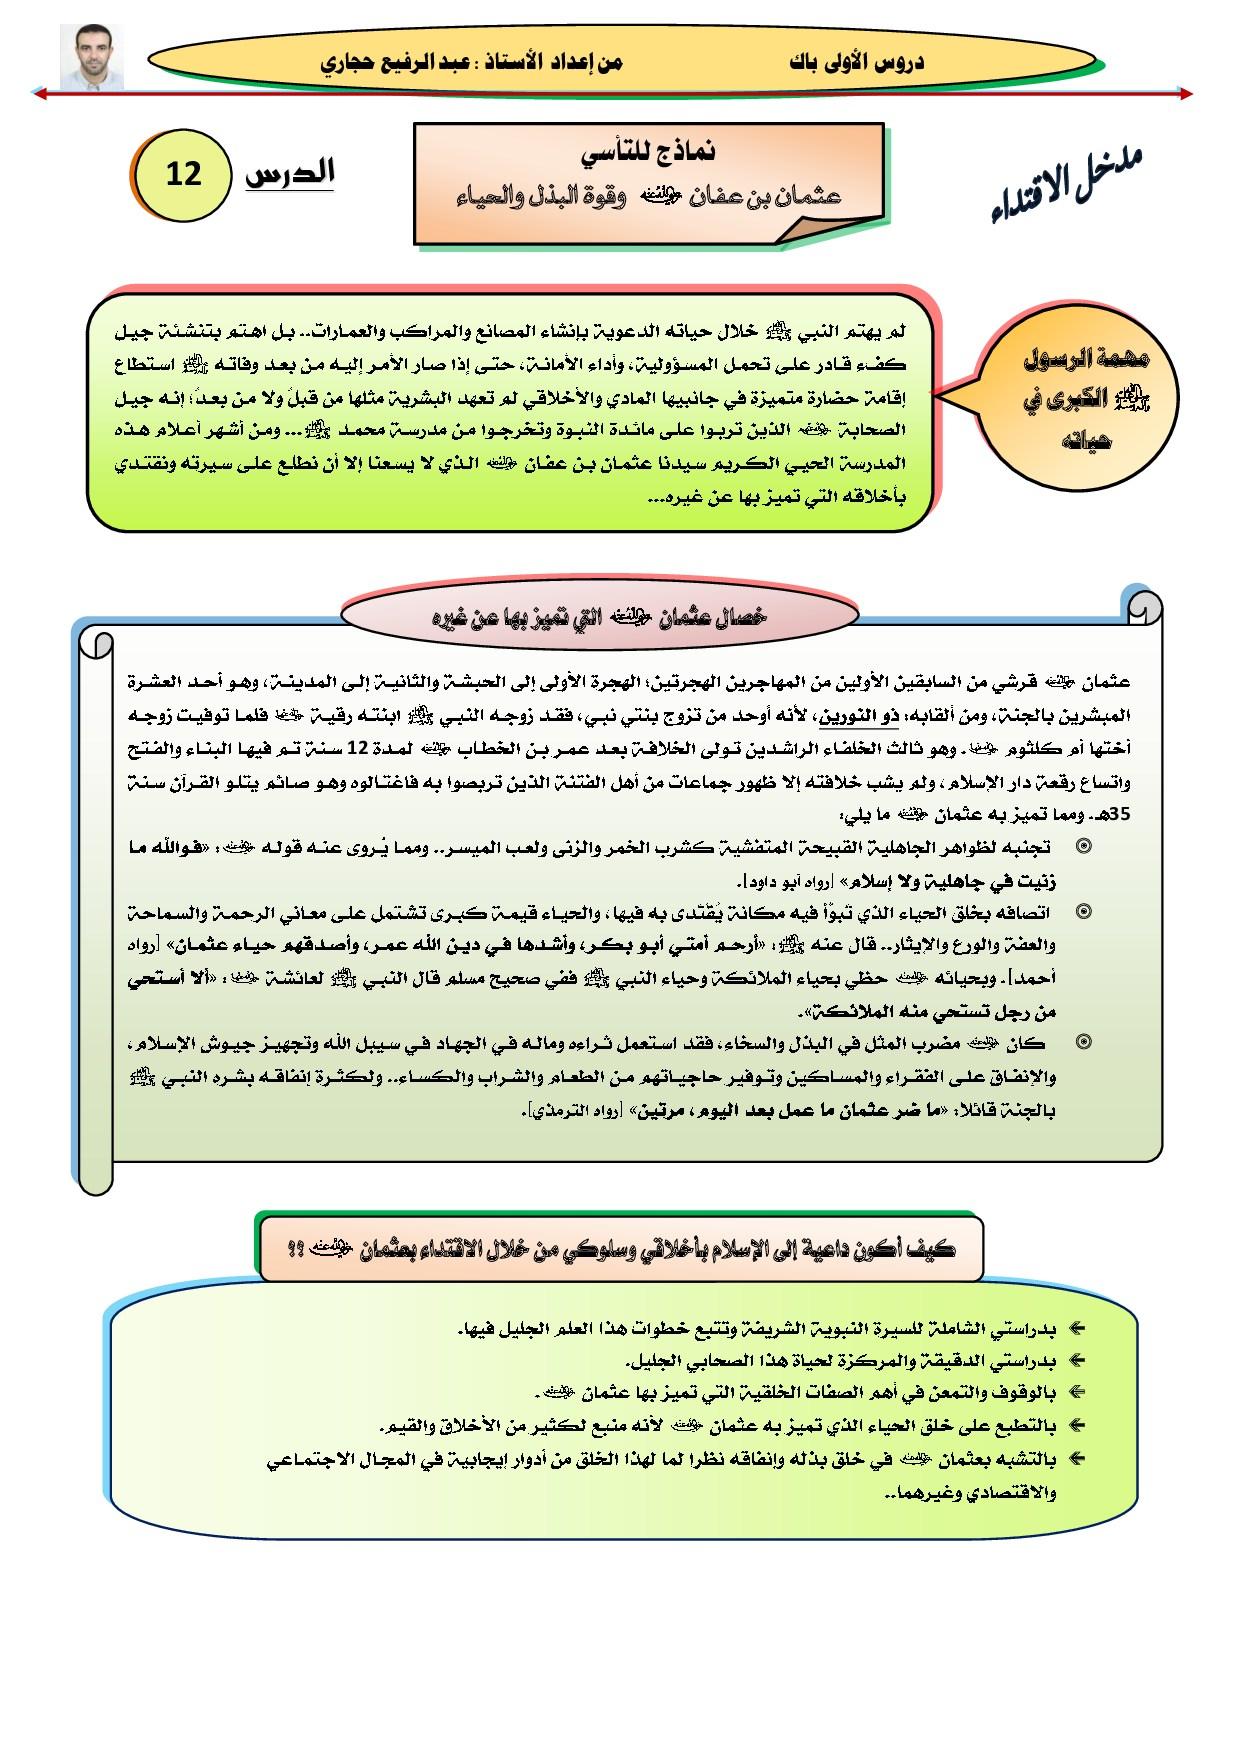 نماذج للتأسي عثمان بن عفان وقوة البذل والحياء ملخص الدرس Alloschool